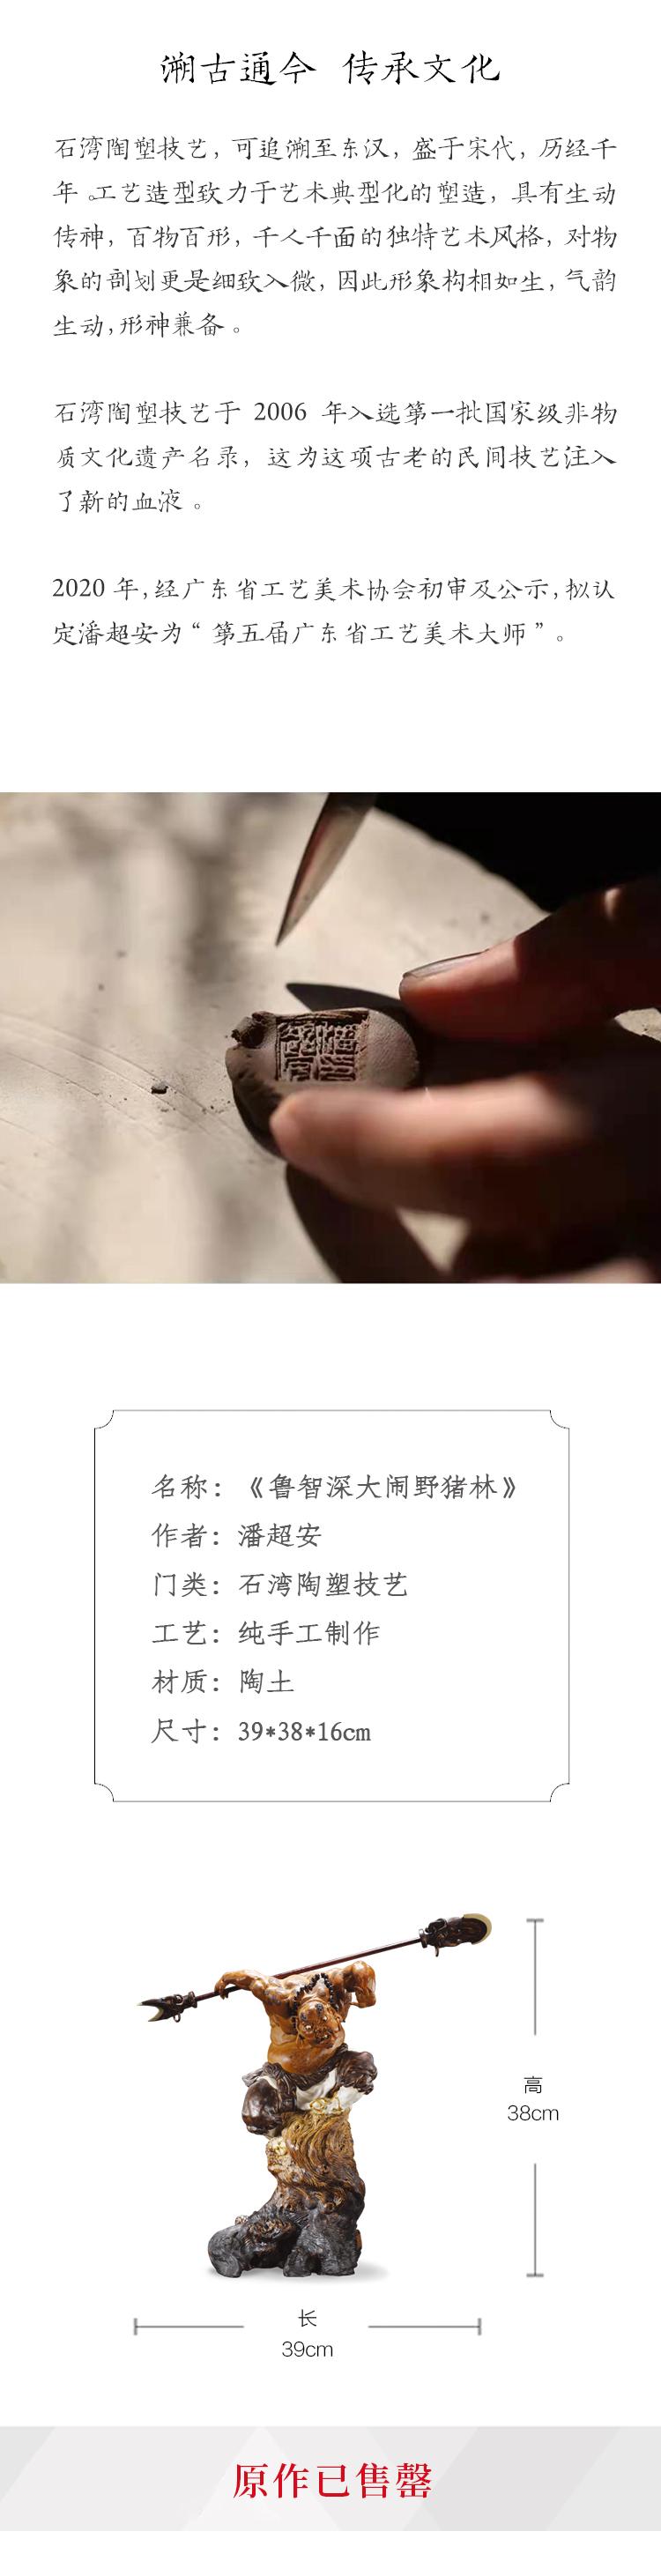 鲁智深大闹野猪林_03.jpg